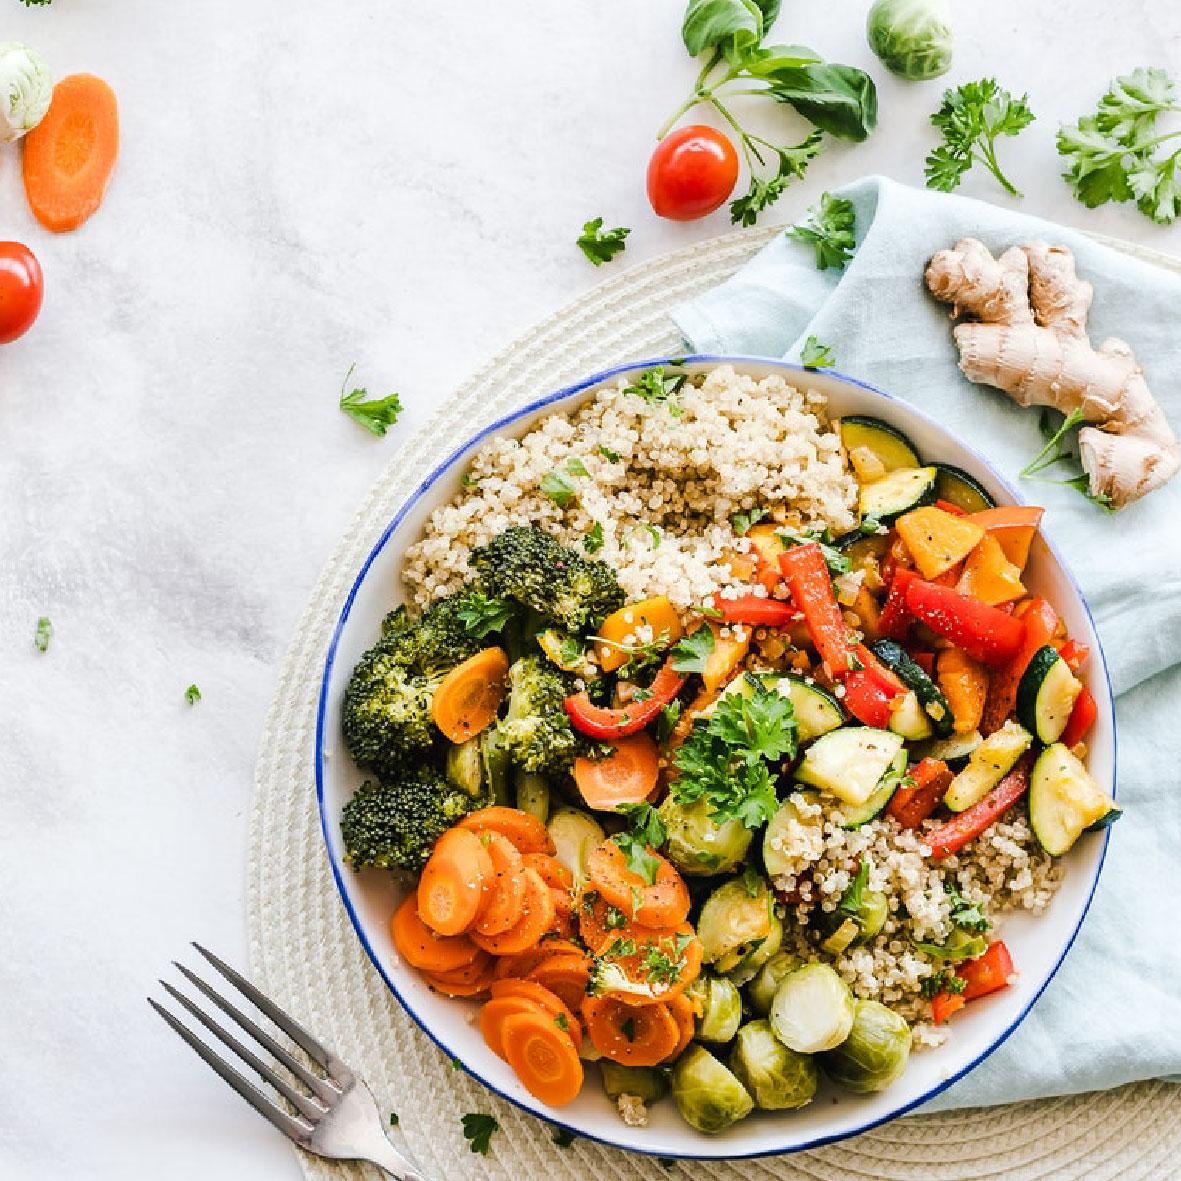 Inilah Makanan yang Tetap Menyehatkanmu & Menjaga Imunmu selama Work from Home (WFH)